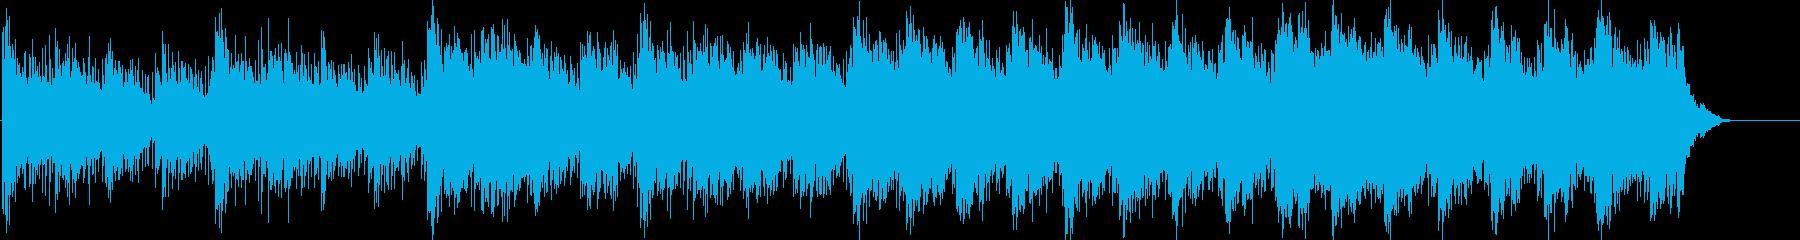 スリリングな謎を解き明かすイメージの再生済みの波形